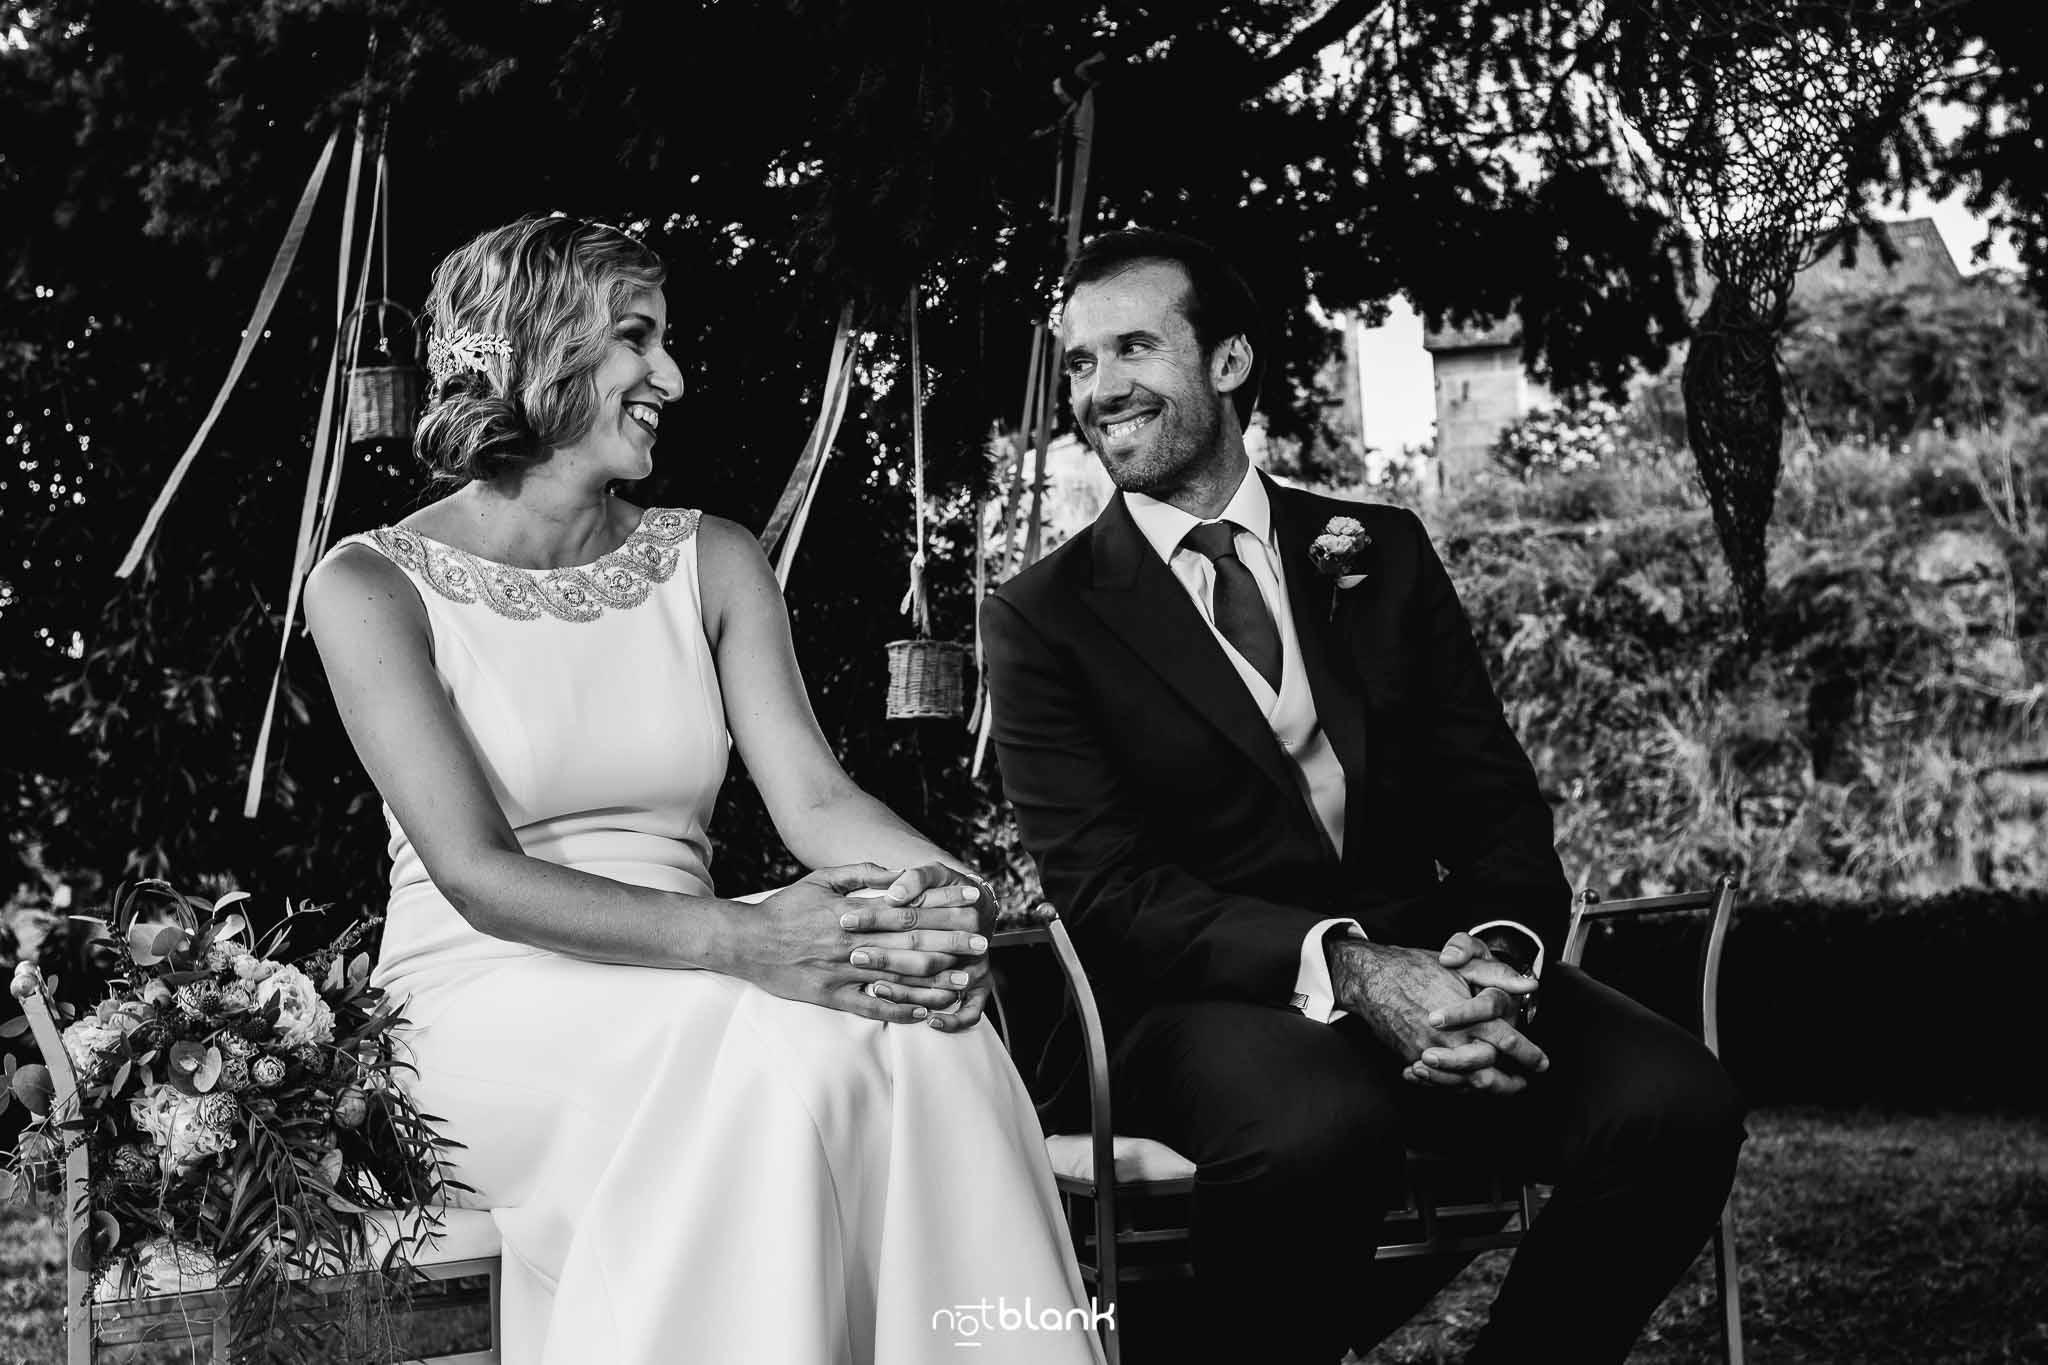 Boda En El Jardin De Casa Jana y Fran - Los novios se miran sonriendo durante la ceremonia civil - Notblank Fotografos de boda